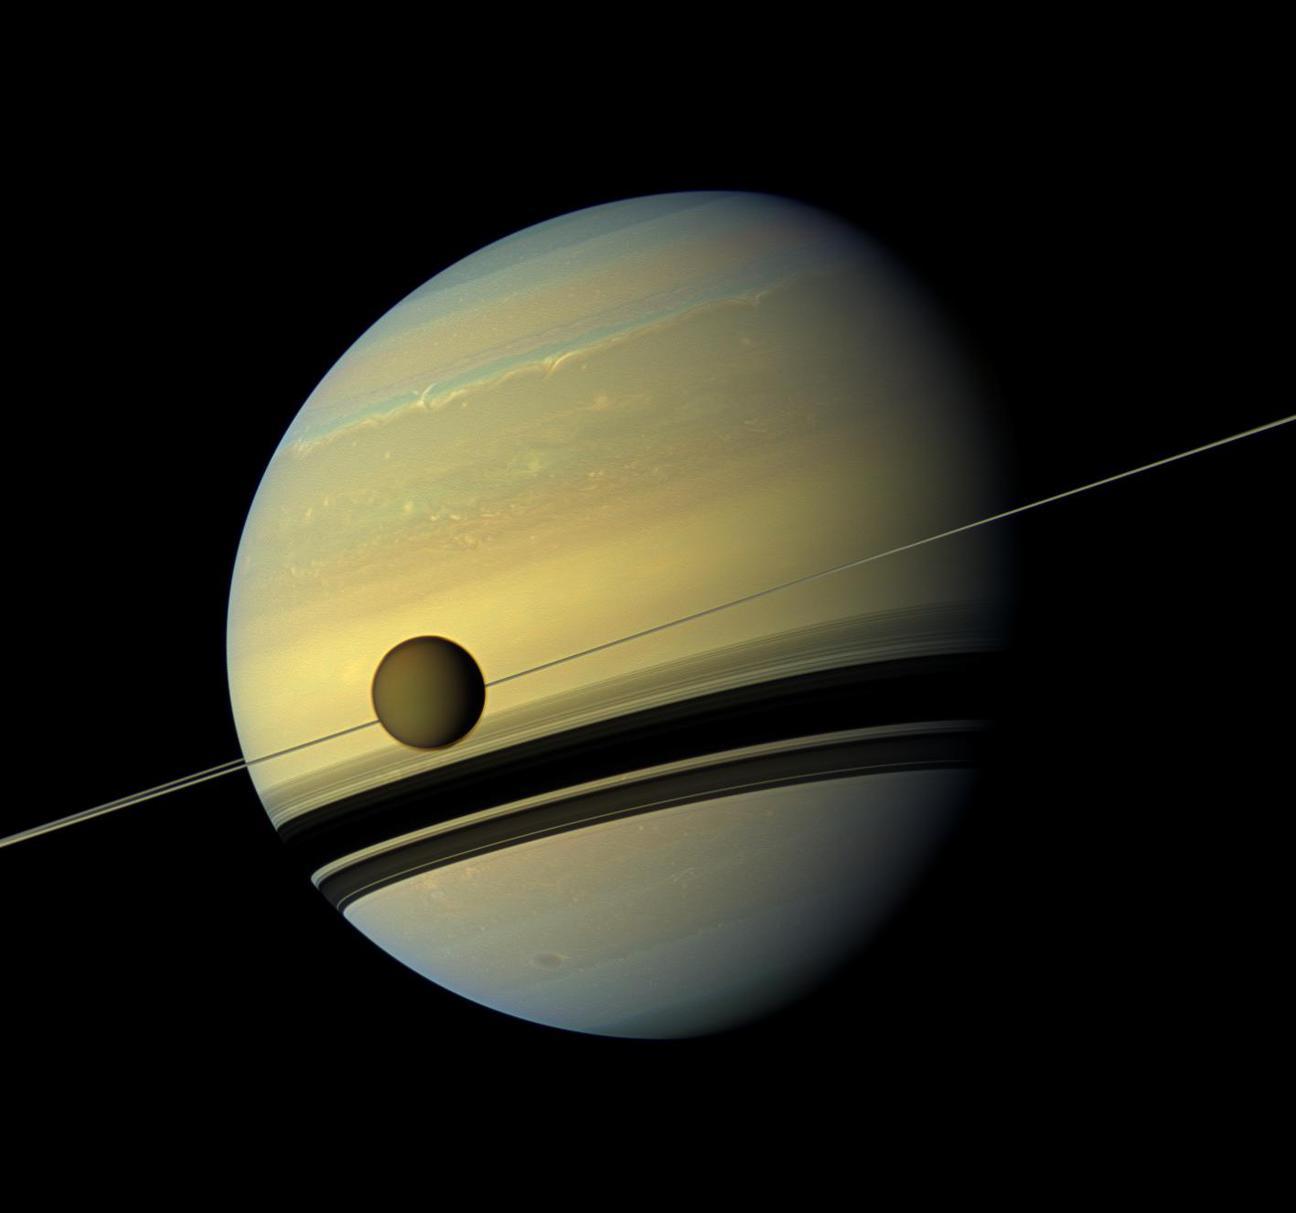 A Titán és a Szaturnusz (Fotó: NASA/JPL-Caltech/SSI)